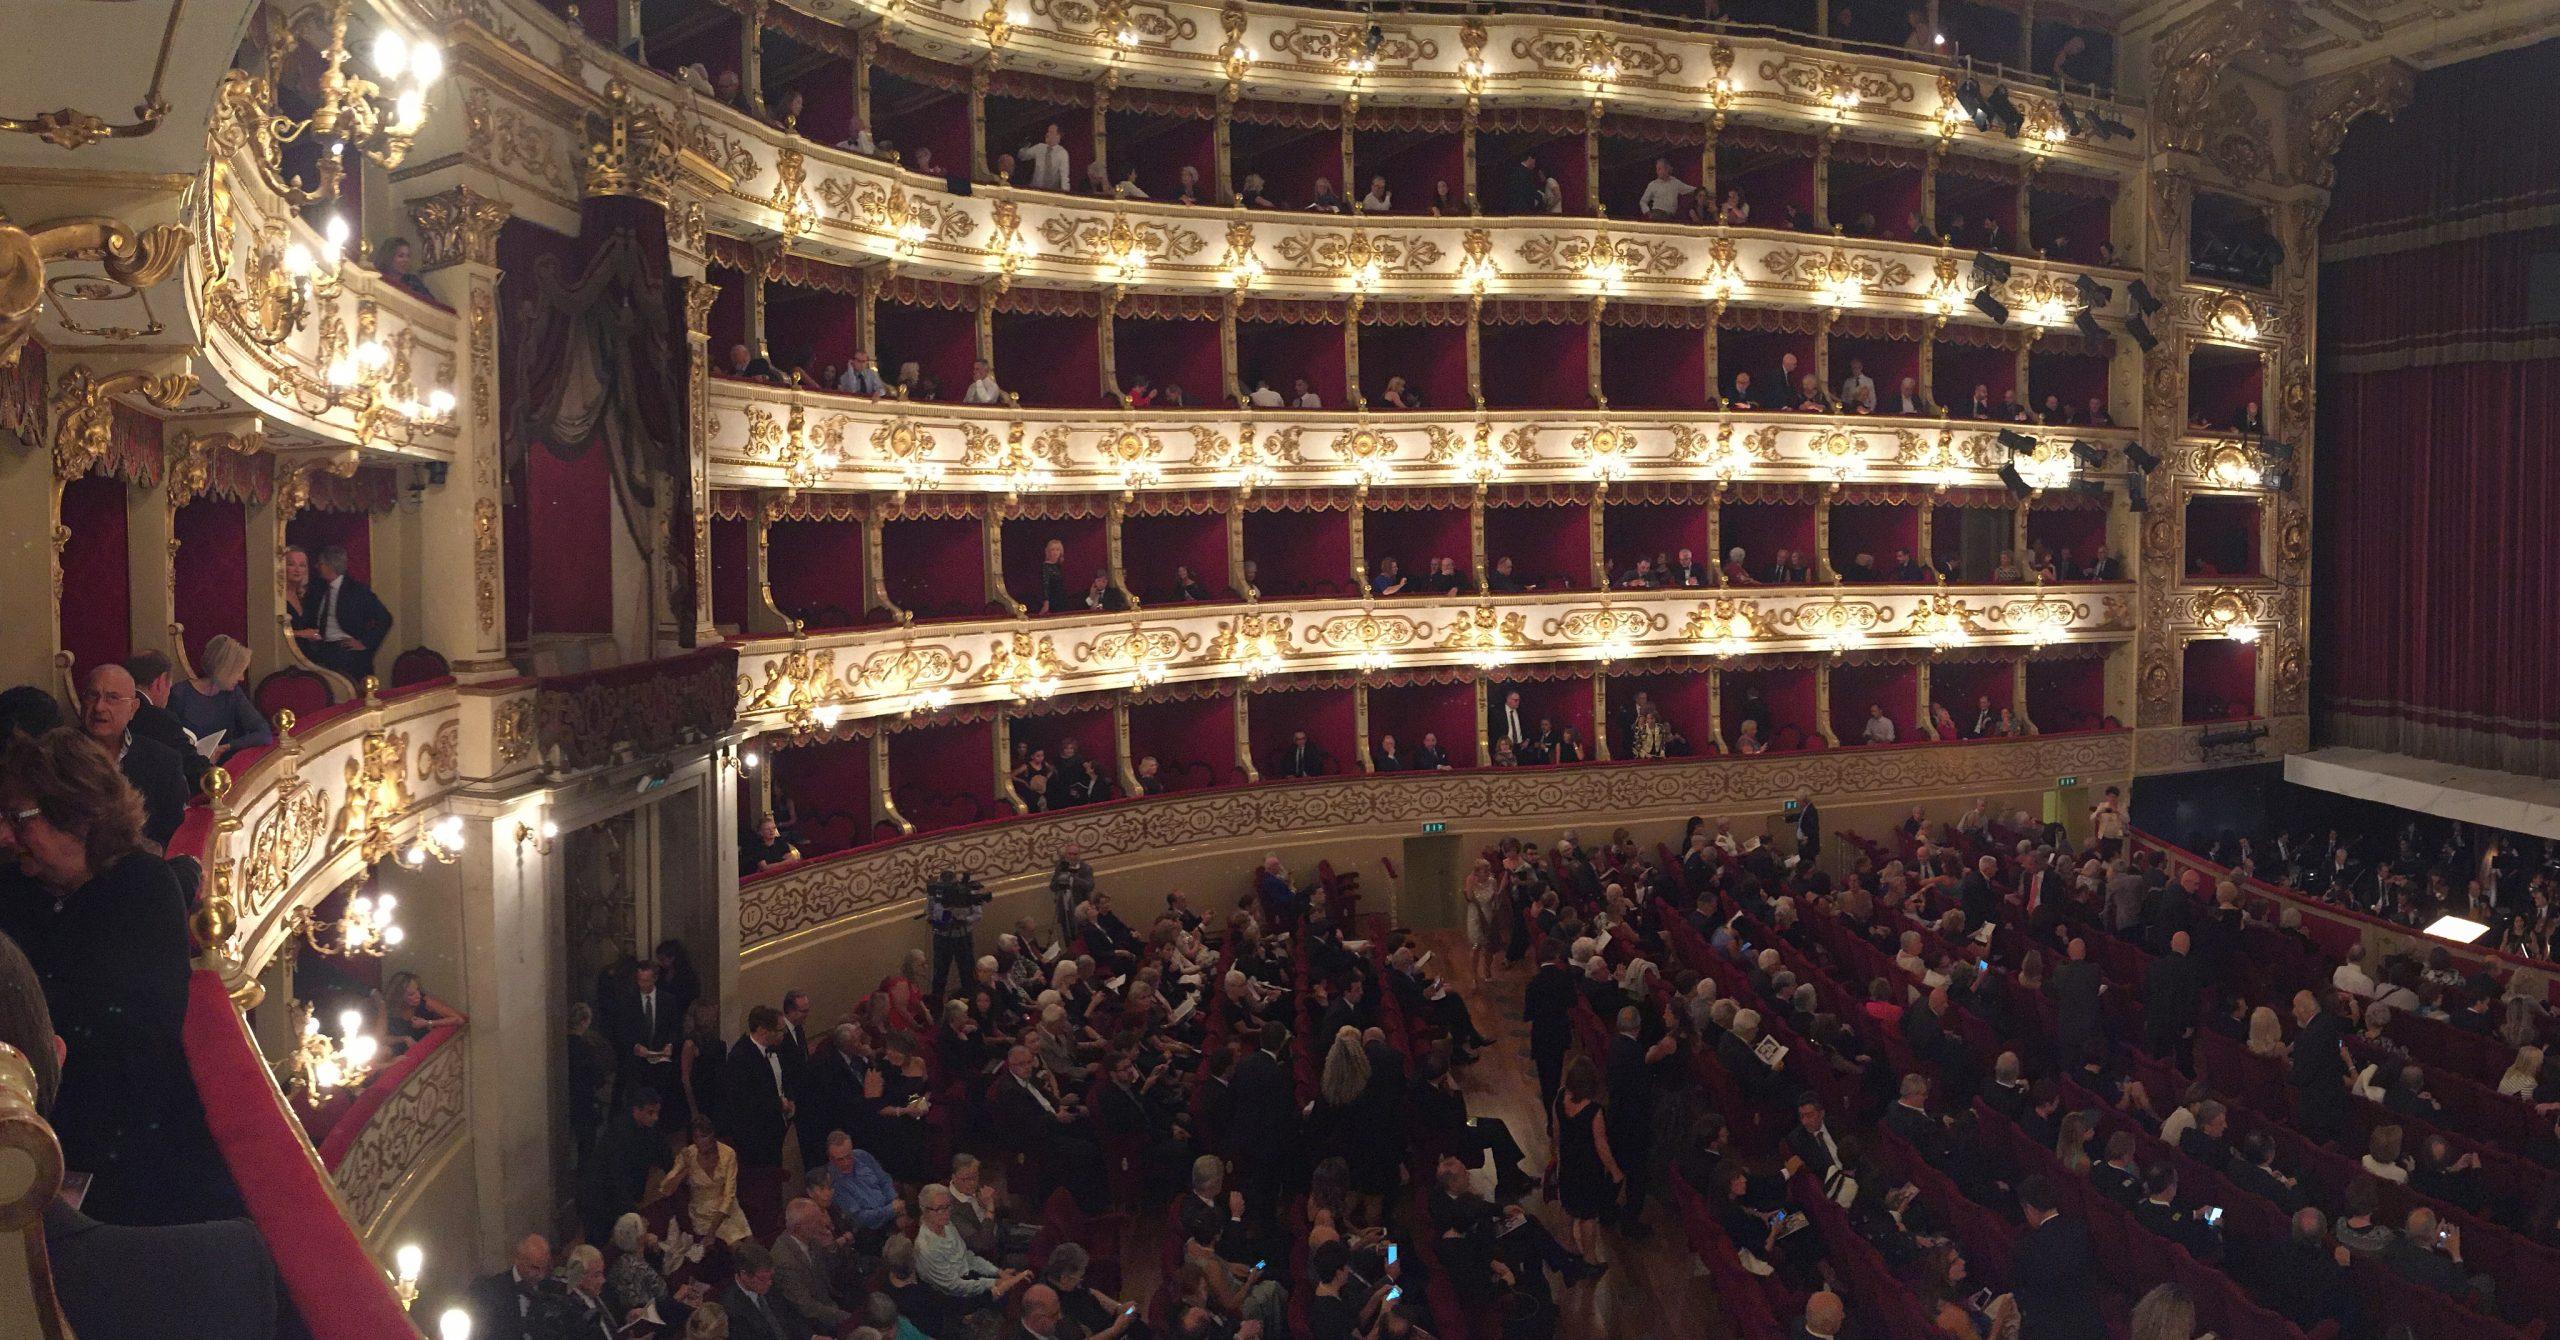 Resa till Verdifestivalen i Parma 8 – 12 oktober 2020. På grund av pandemin är det osäkert om resandet kan komma igång i höst och om operahusen kan öppna. Därför ha vi beslutat att ställa in denna resa.